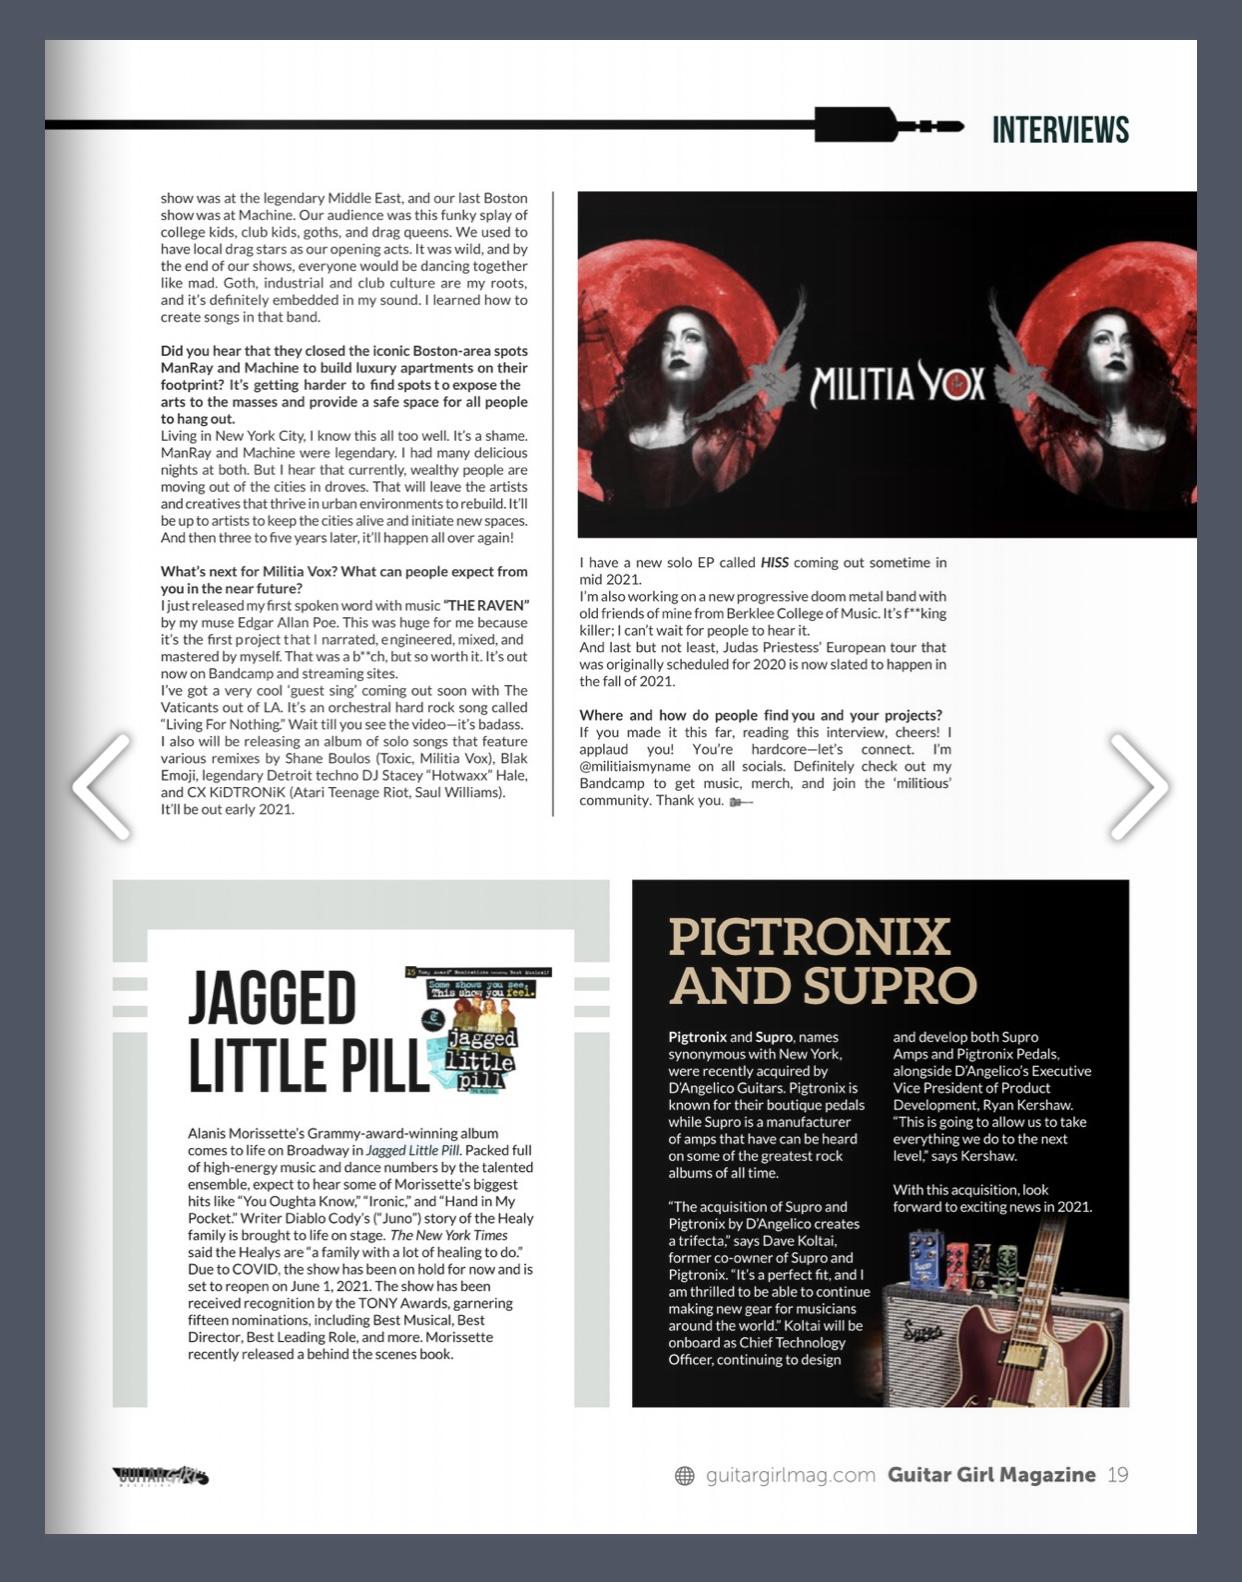 Militia Vox in GuitarGirl Mag 3